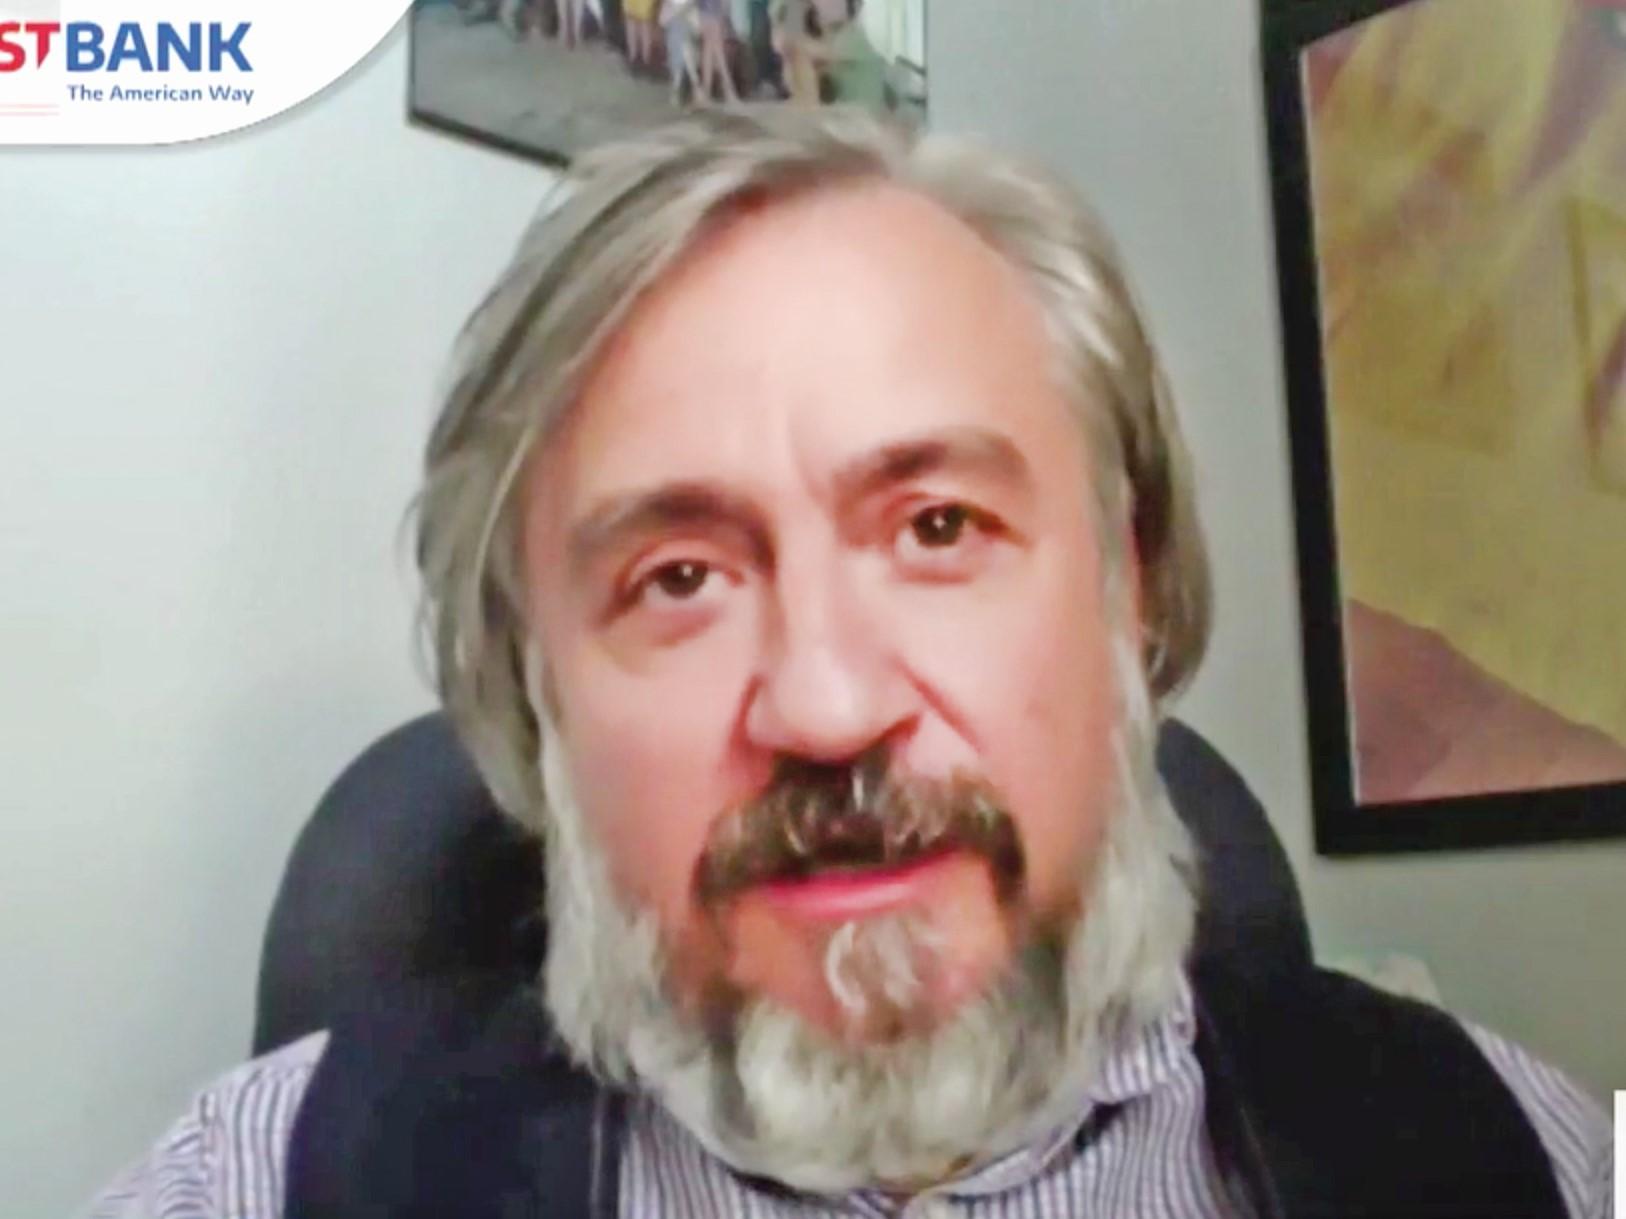 ZF 15 minute cu un antreprenor. Theodor Frolu, acţionar în mai multe  businessuri alături de Ivan Patzaichin: La Ivan Pescar ne gândim la  dezvoltare în sistem de franciză